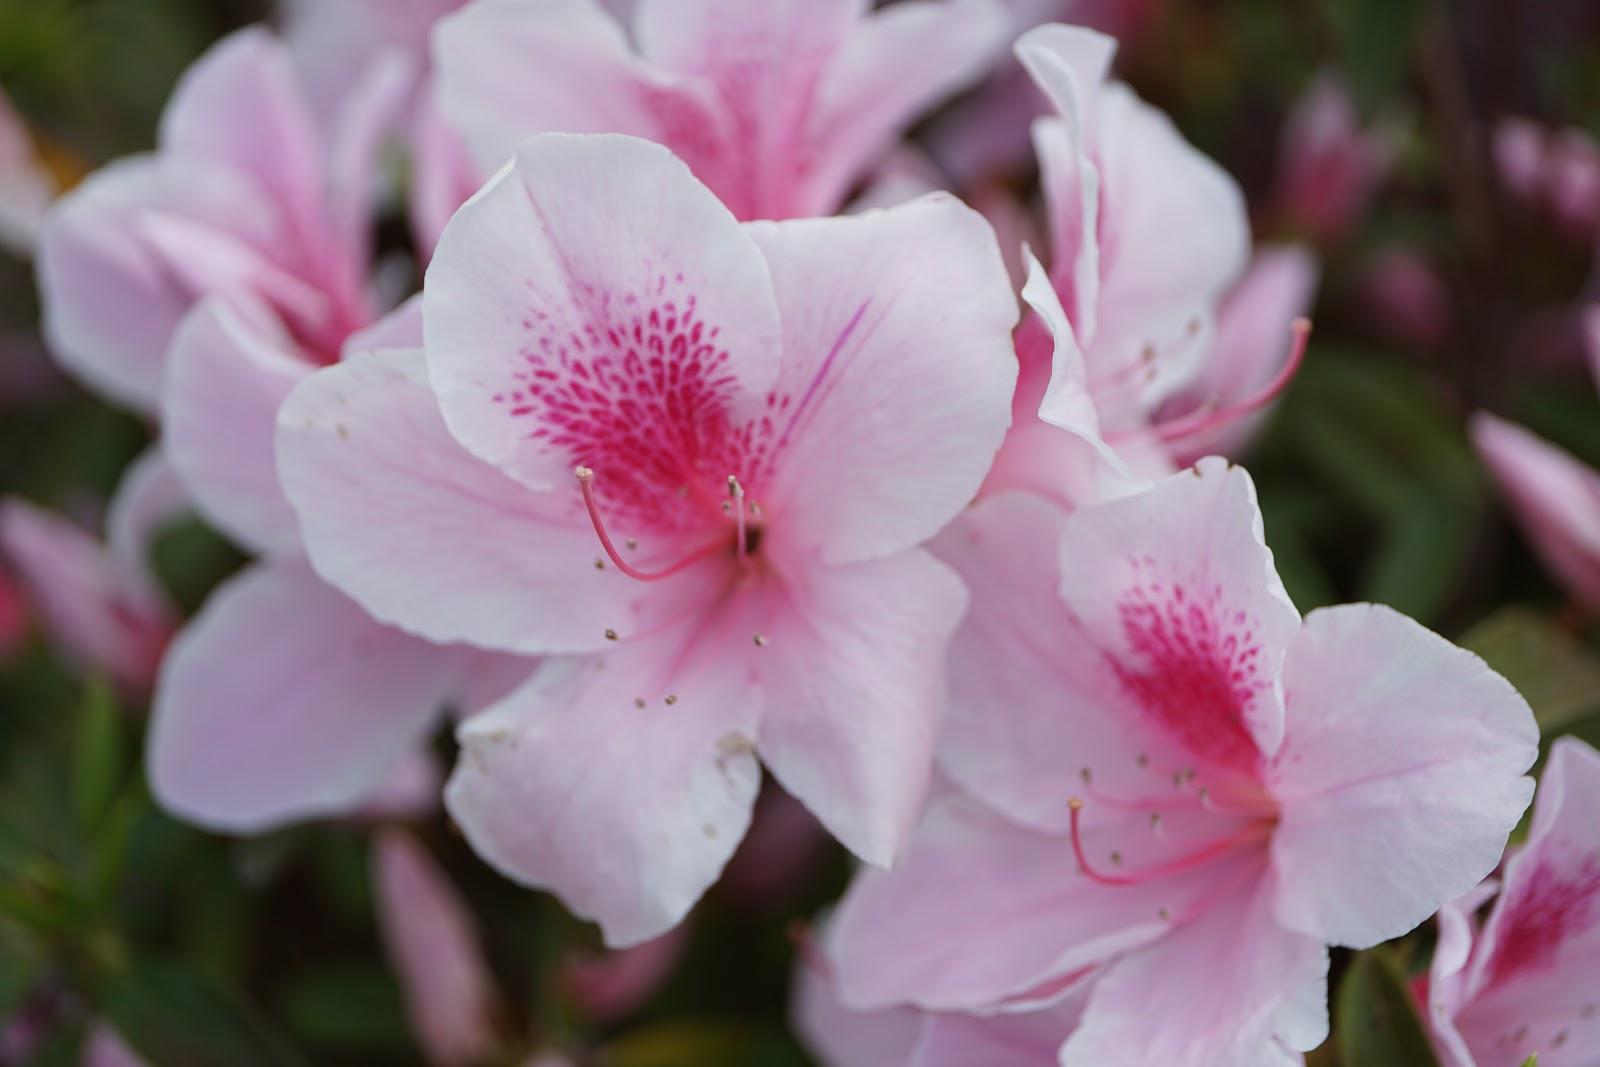 平戸躑躅のピンクの大きな花